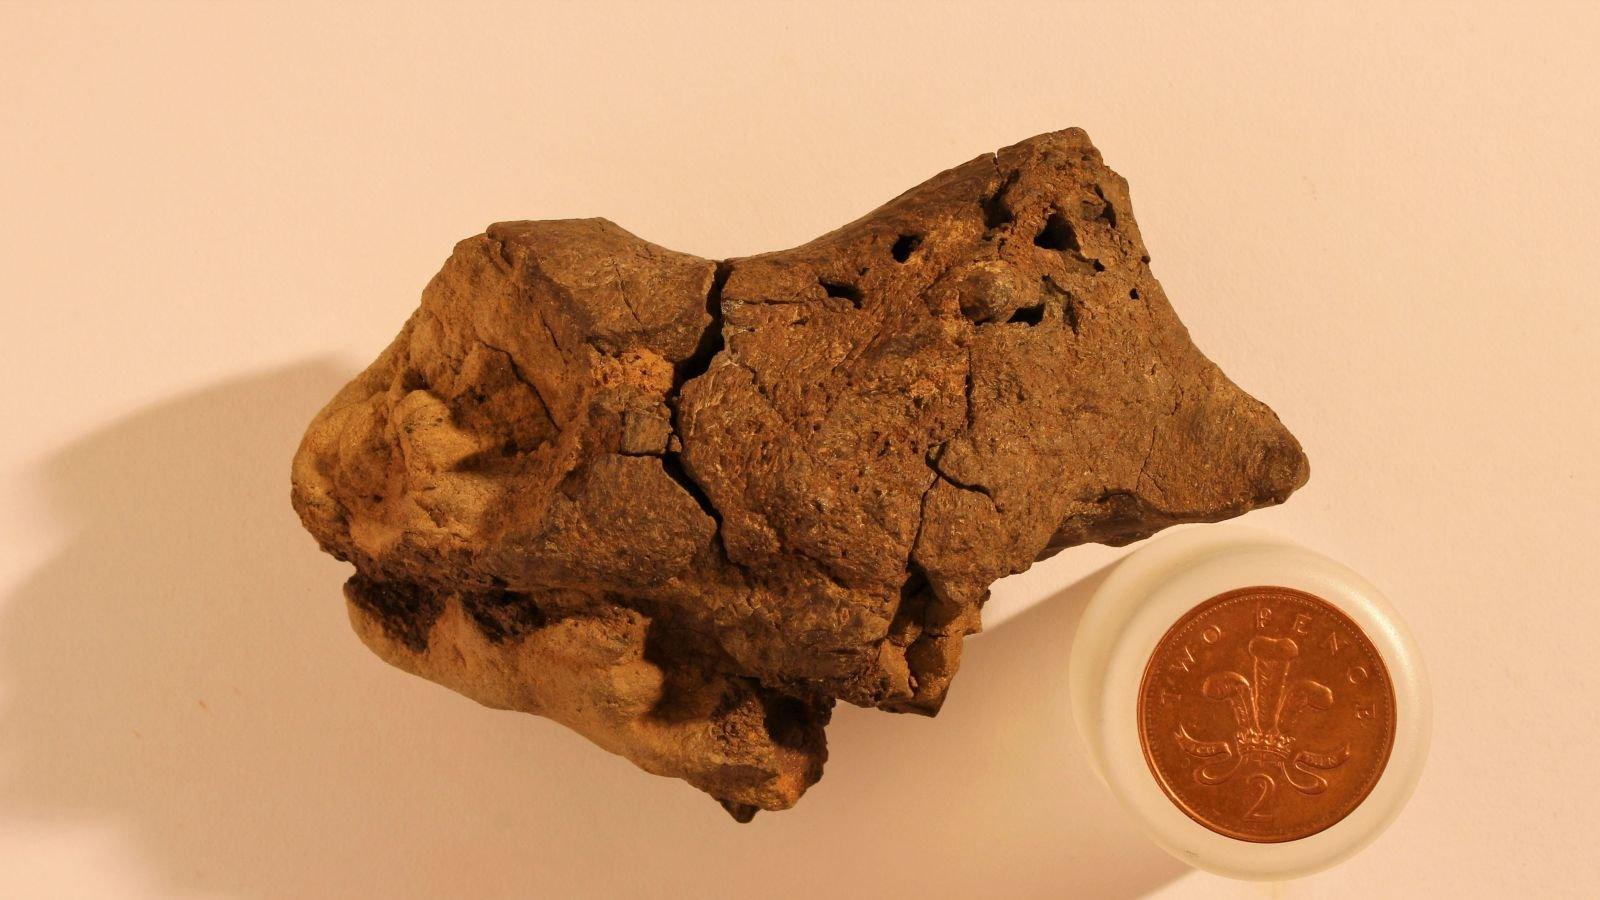 A fossilized dinosaur brain, easily mistakable for a